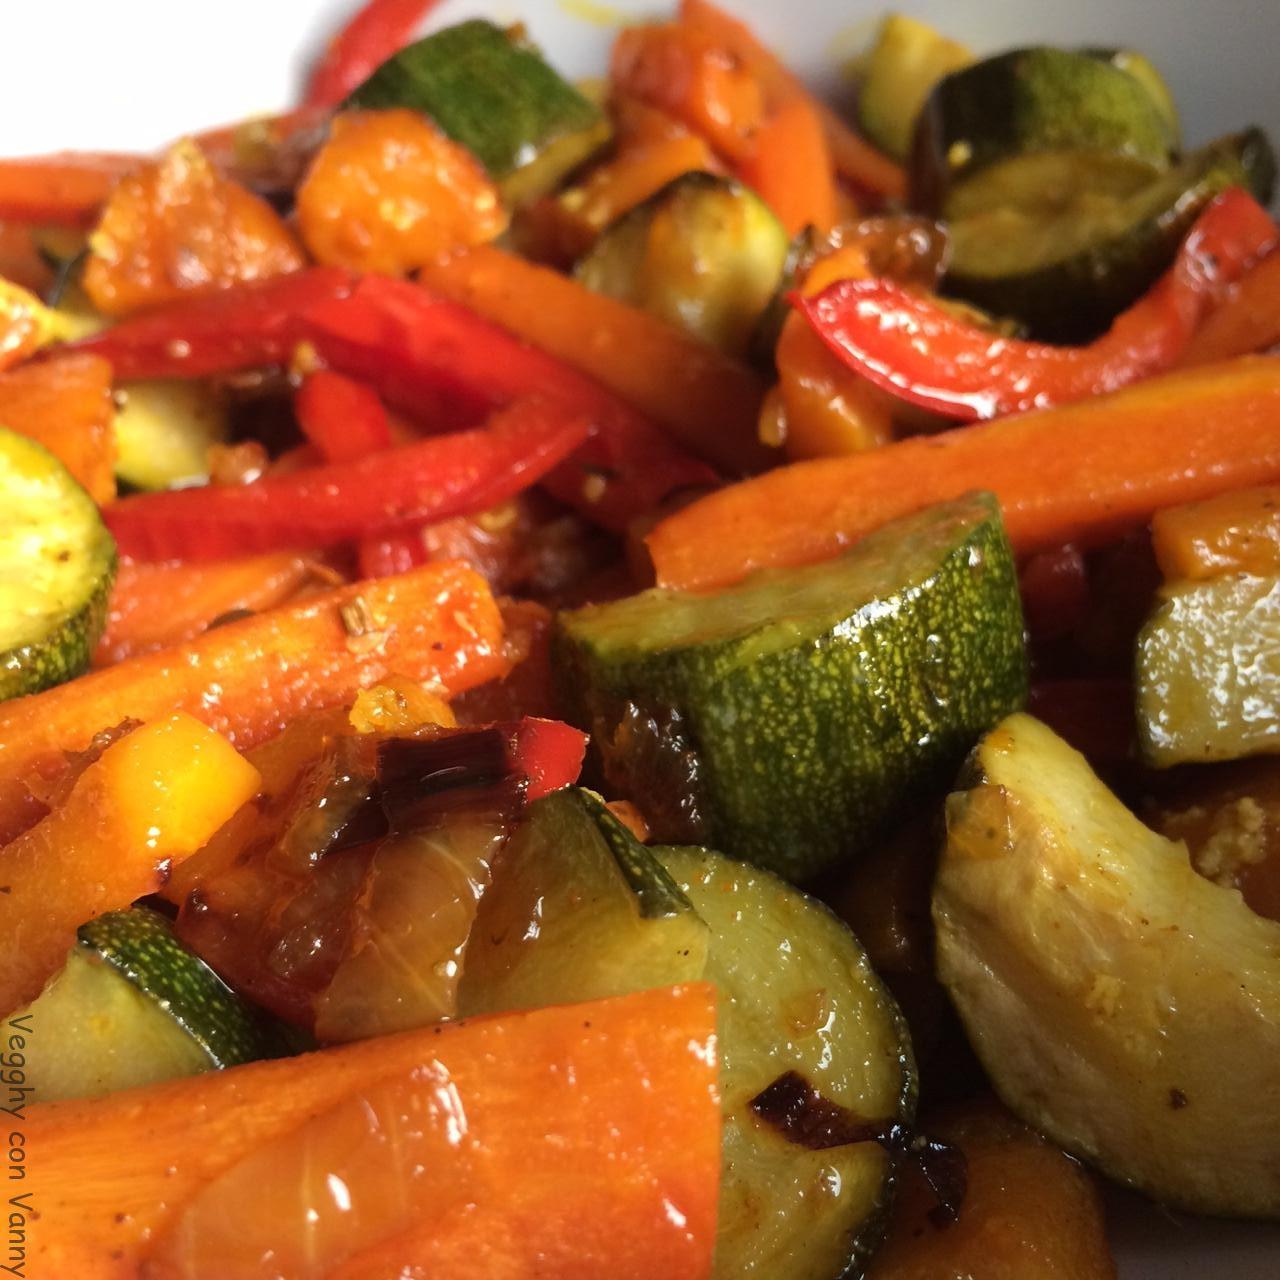 Verdure al forno con zenzero, curcuma e mix ayurvedico di spezie